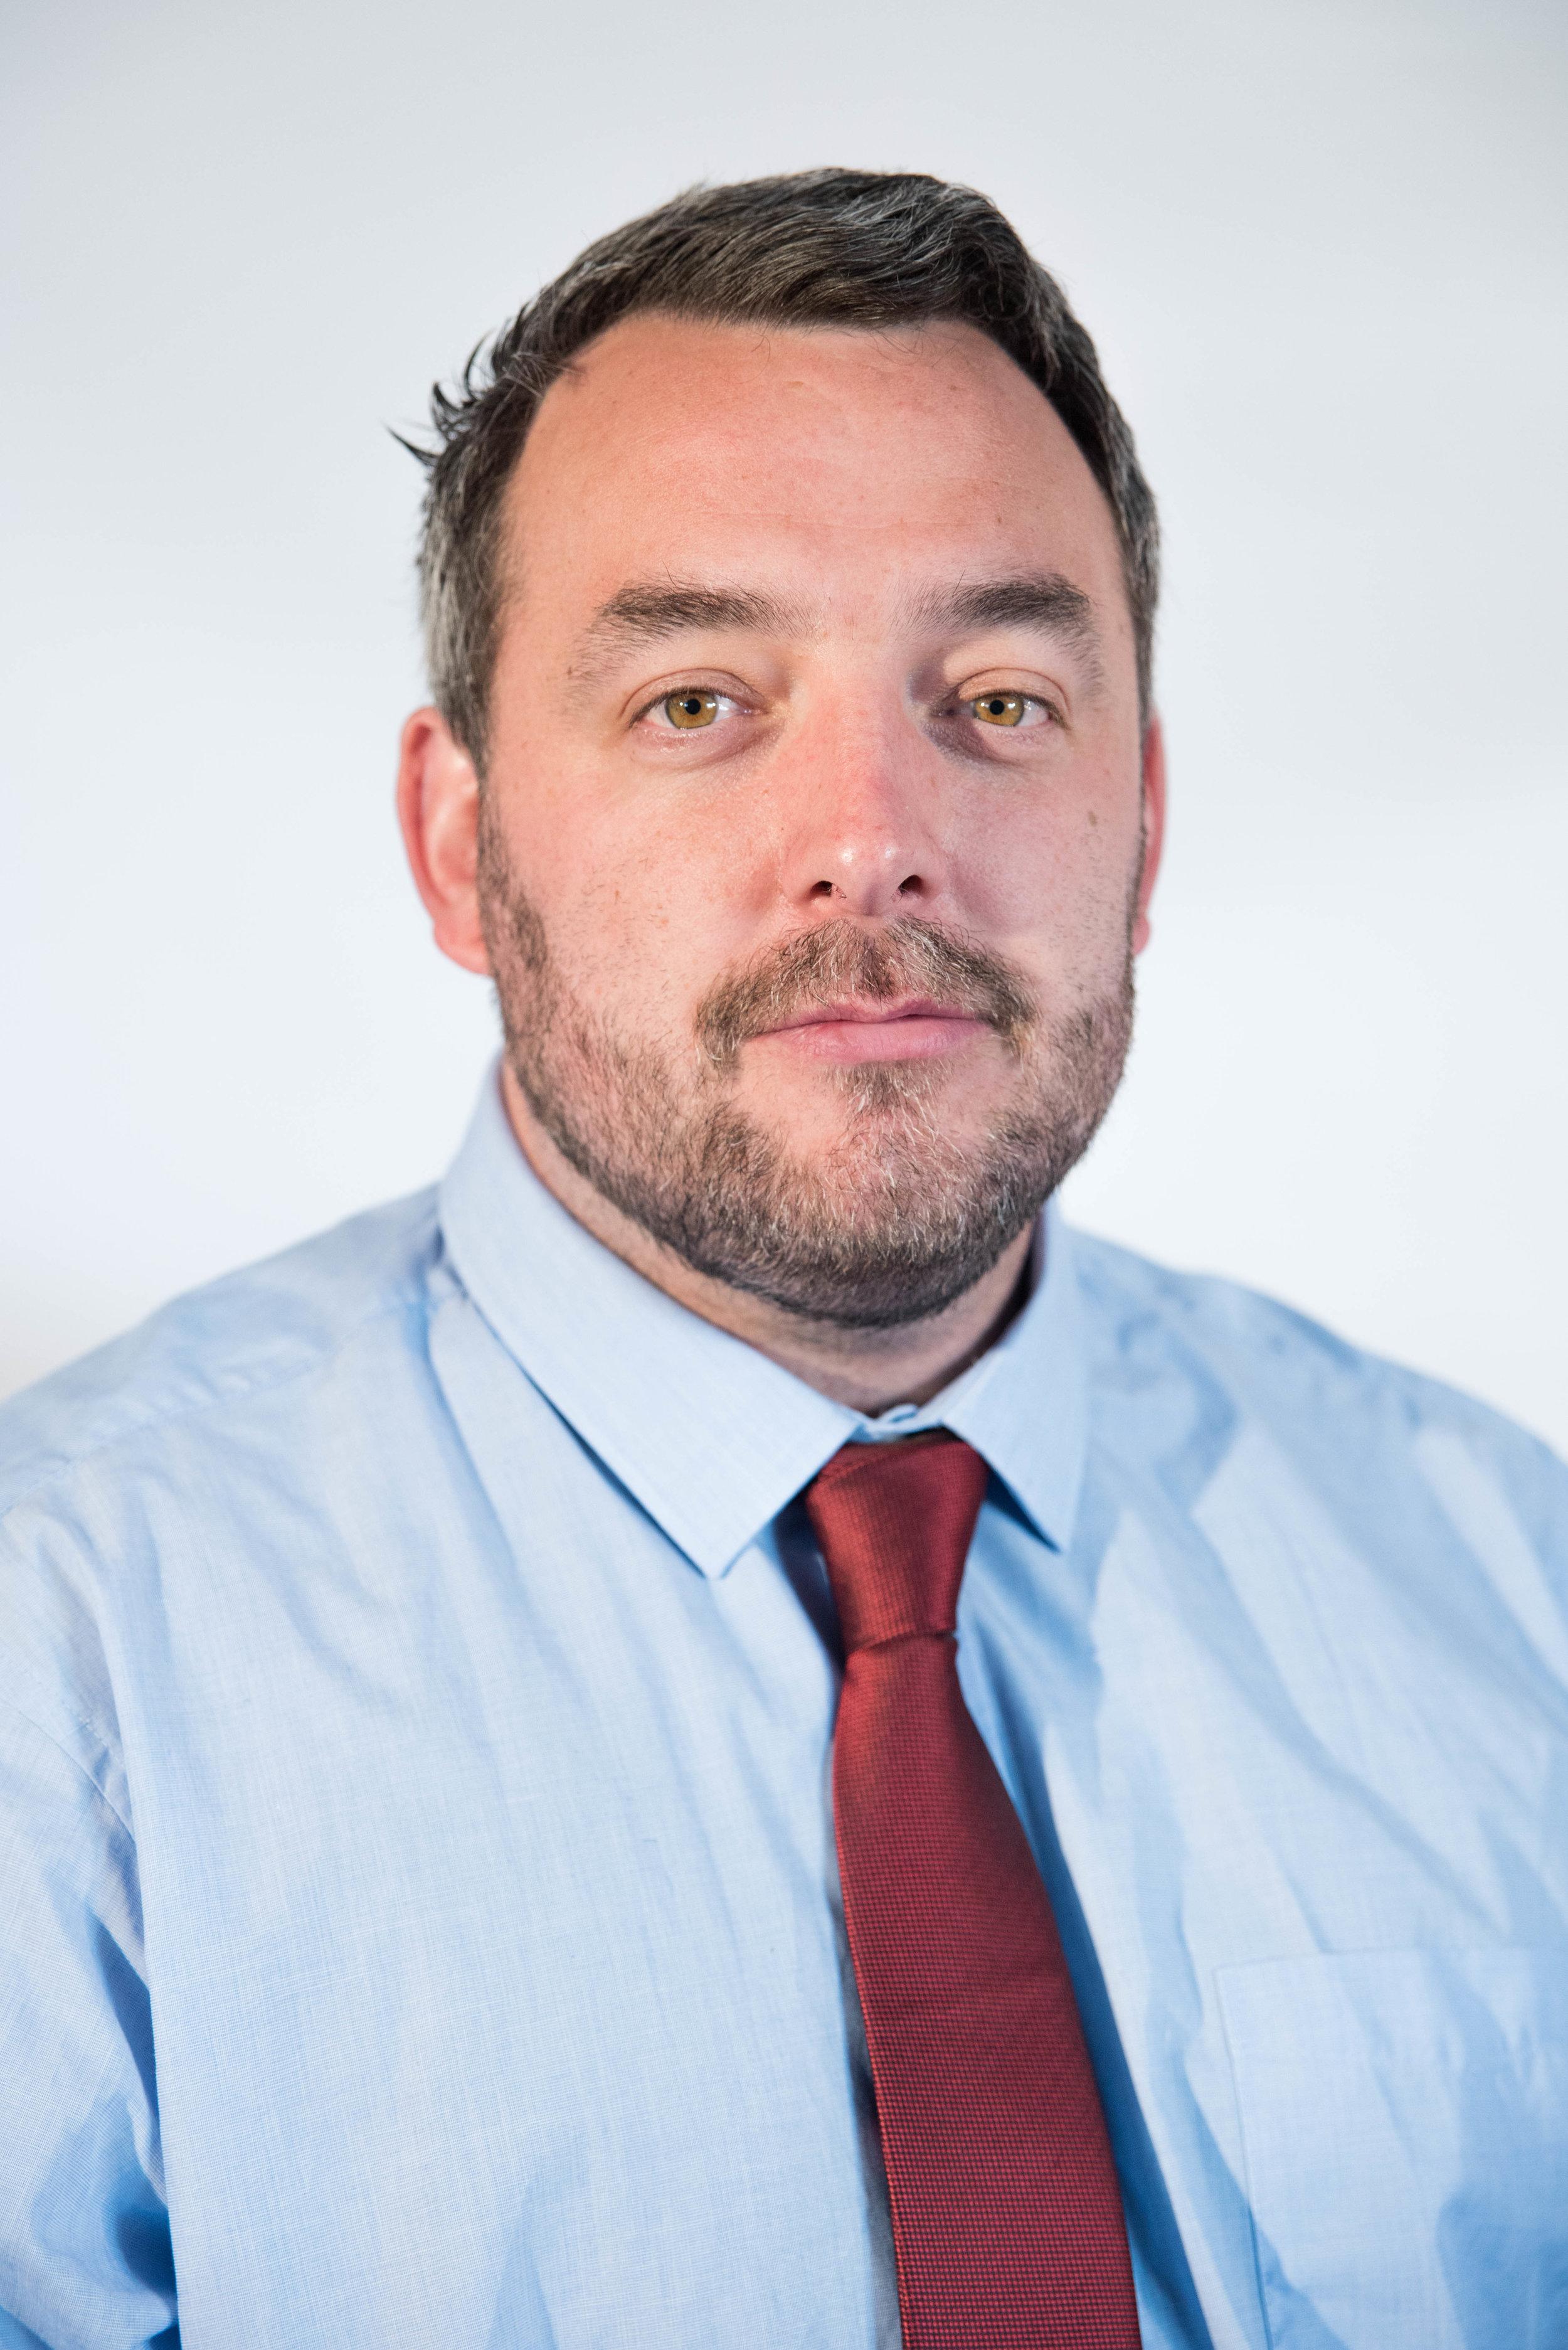 Kevin Muirhead